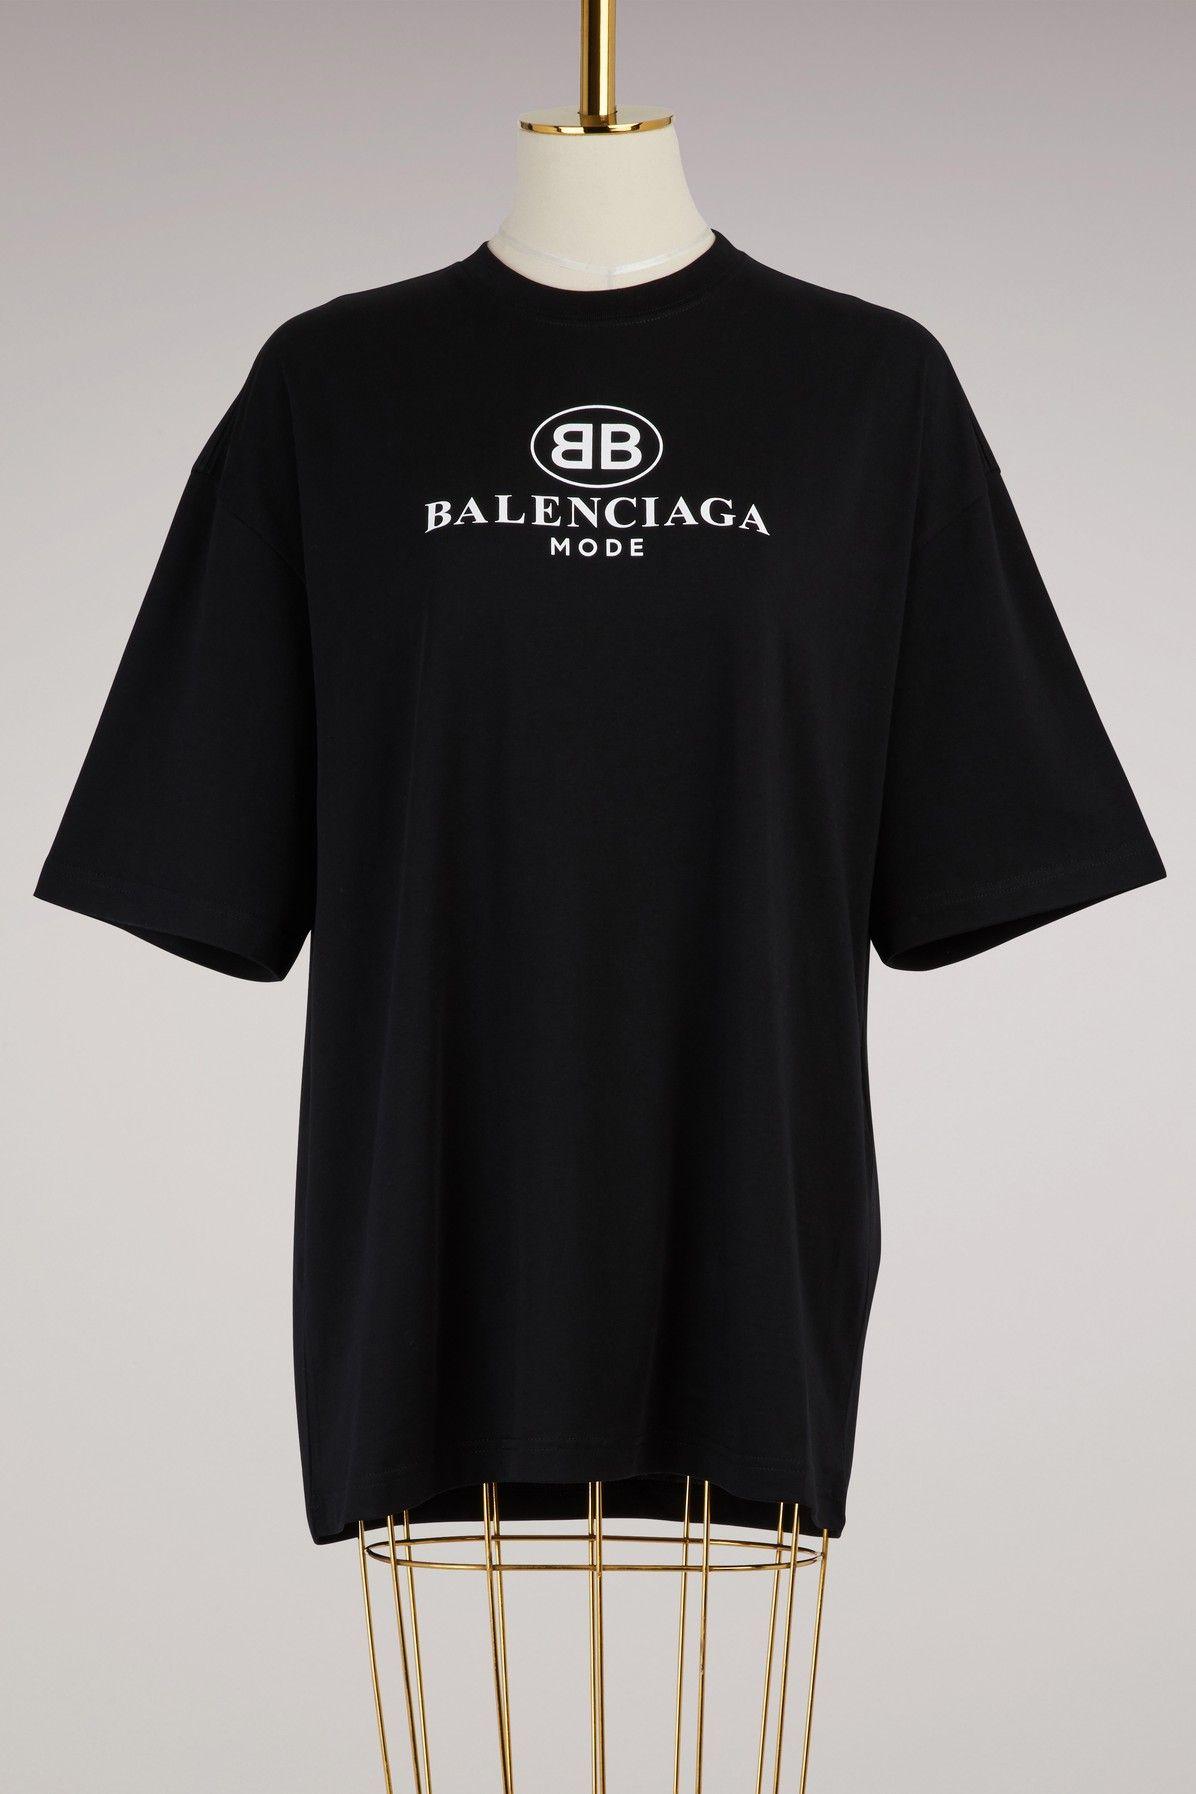 59a3c769 BALENCIAGA BB OVERSIZE T-SHIRT. #balenciaga #cloth # | Balenciaga ...